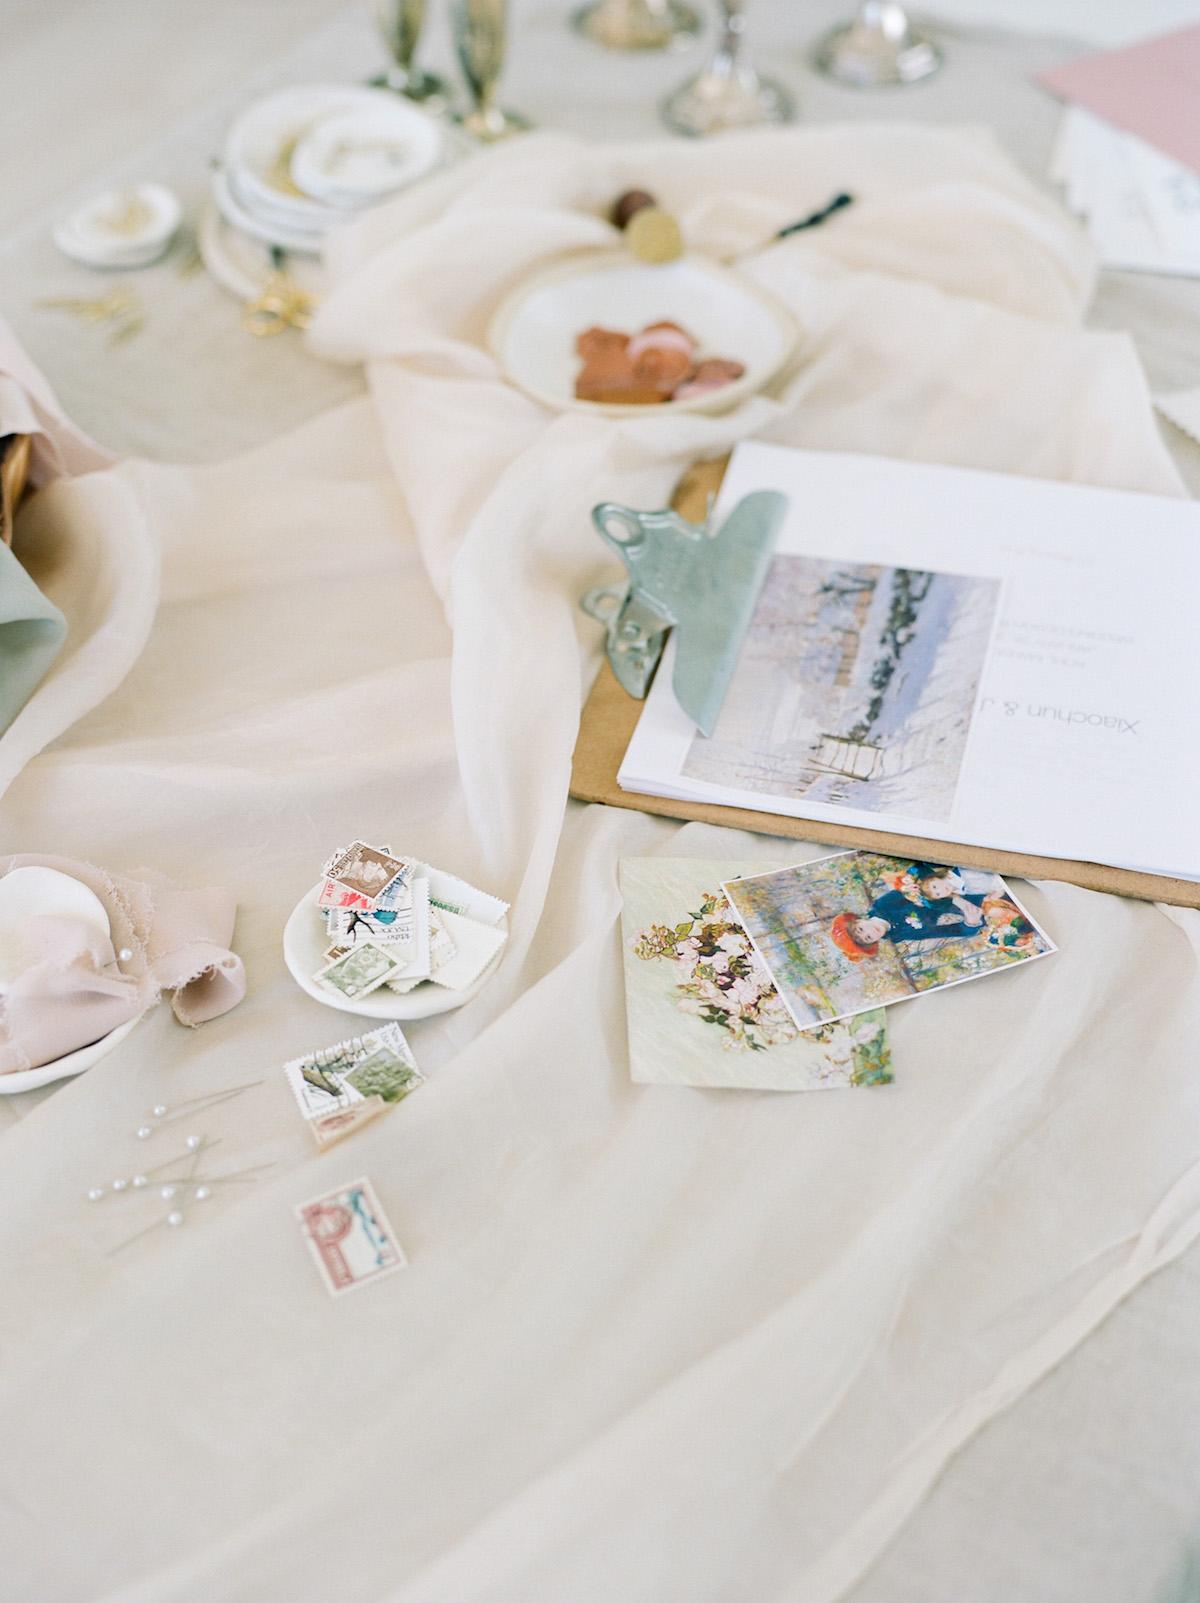 olea-and-fig-blooming-wed-brand-shoot-21.jpg